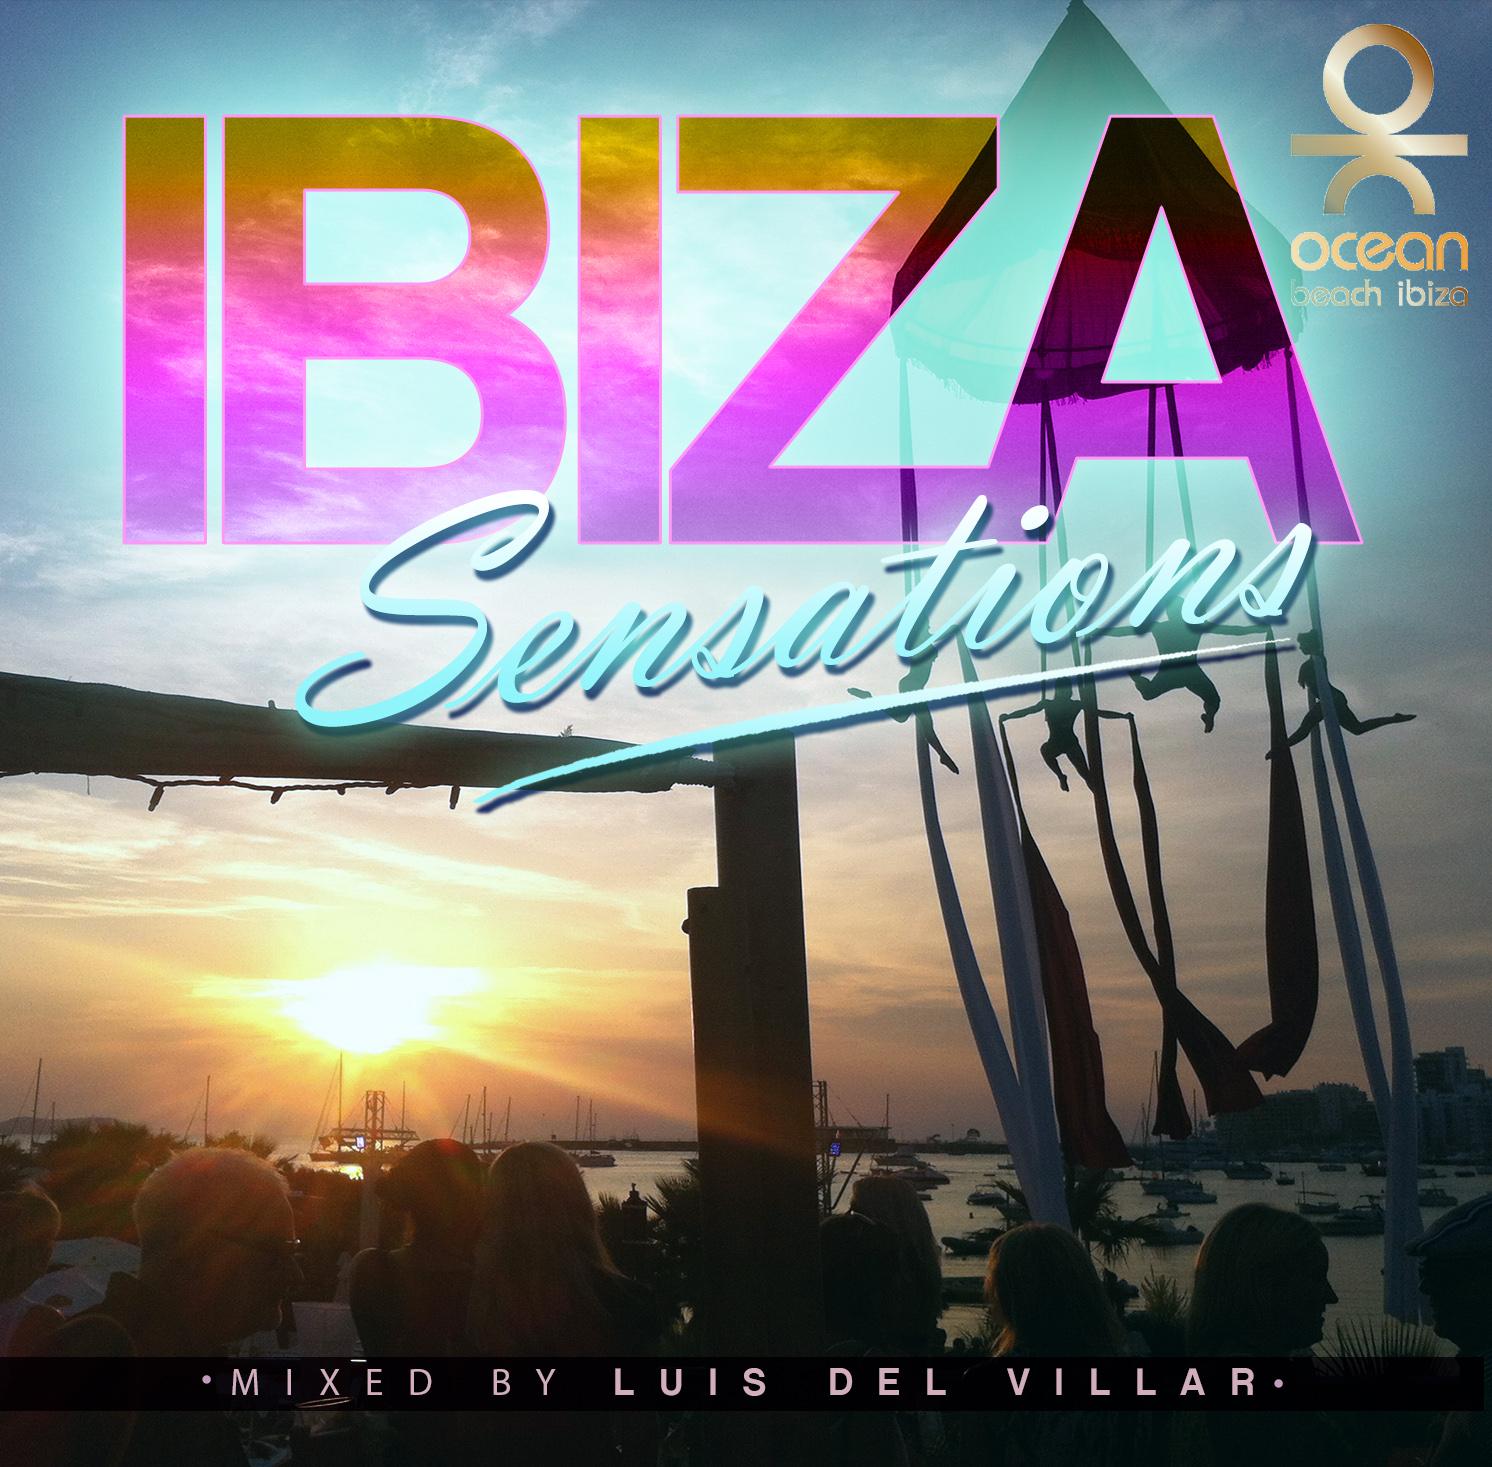 Artwork for Ibiza Sensations 77 Ocean Beach Ibiza Special